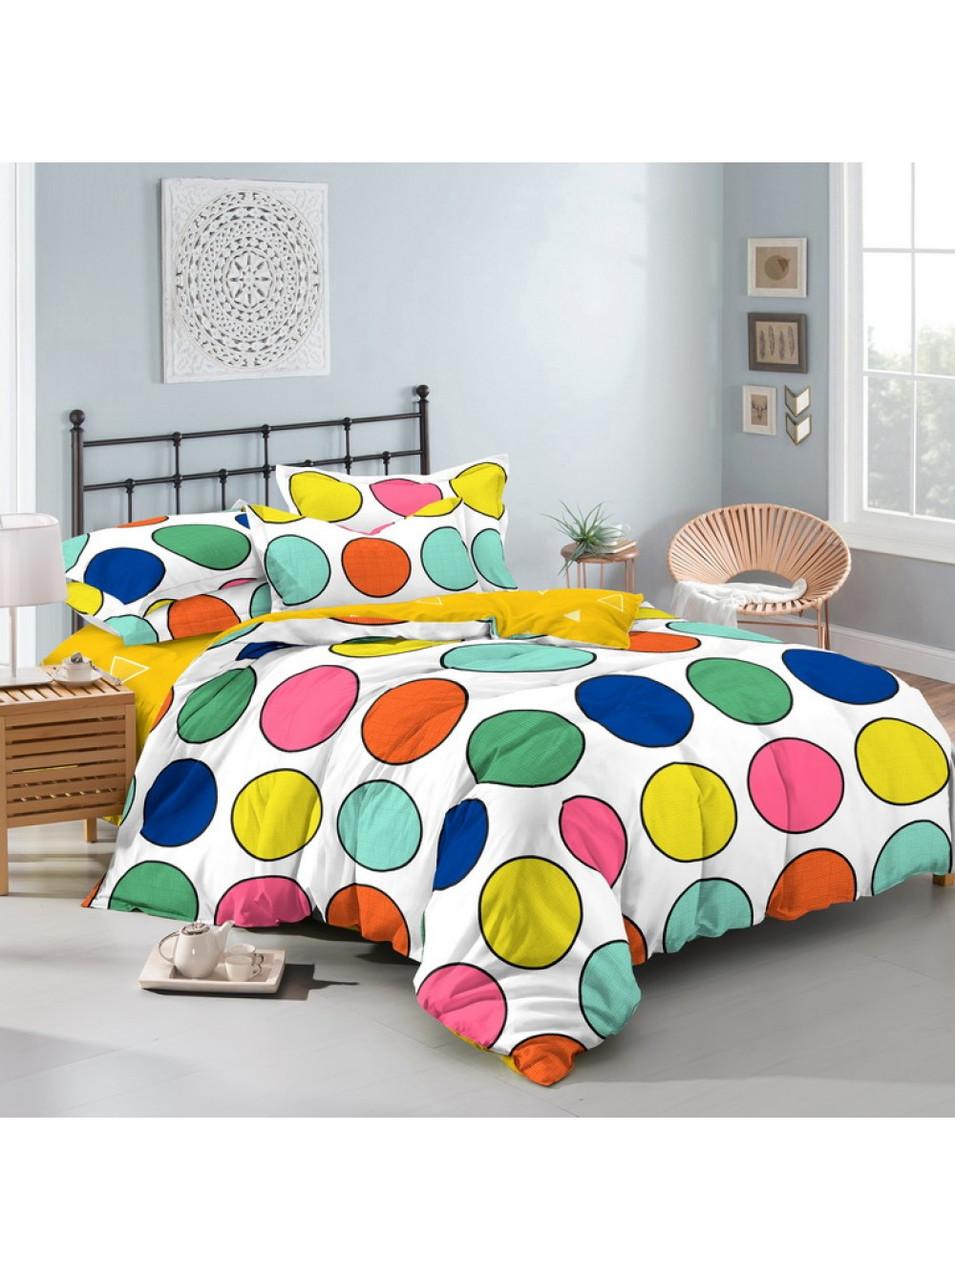 Комплект постельного белья сатин Разноцветные Круги Украина